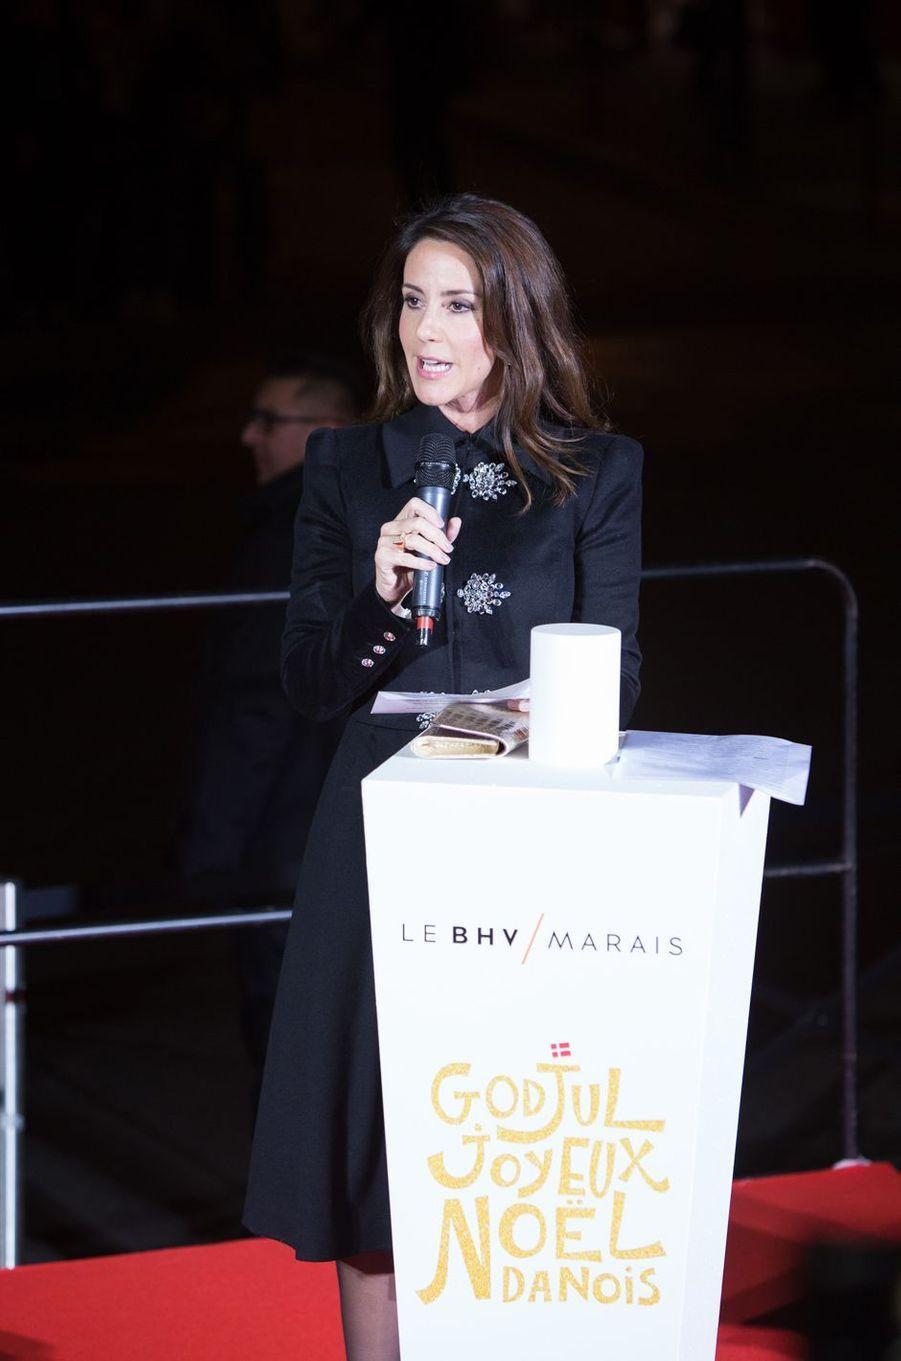 La princesse Marie de Danemark lance le Noël danois du BHV Marais à Paris, le 15 novembre 2017